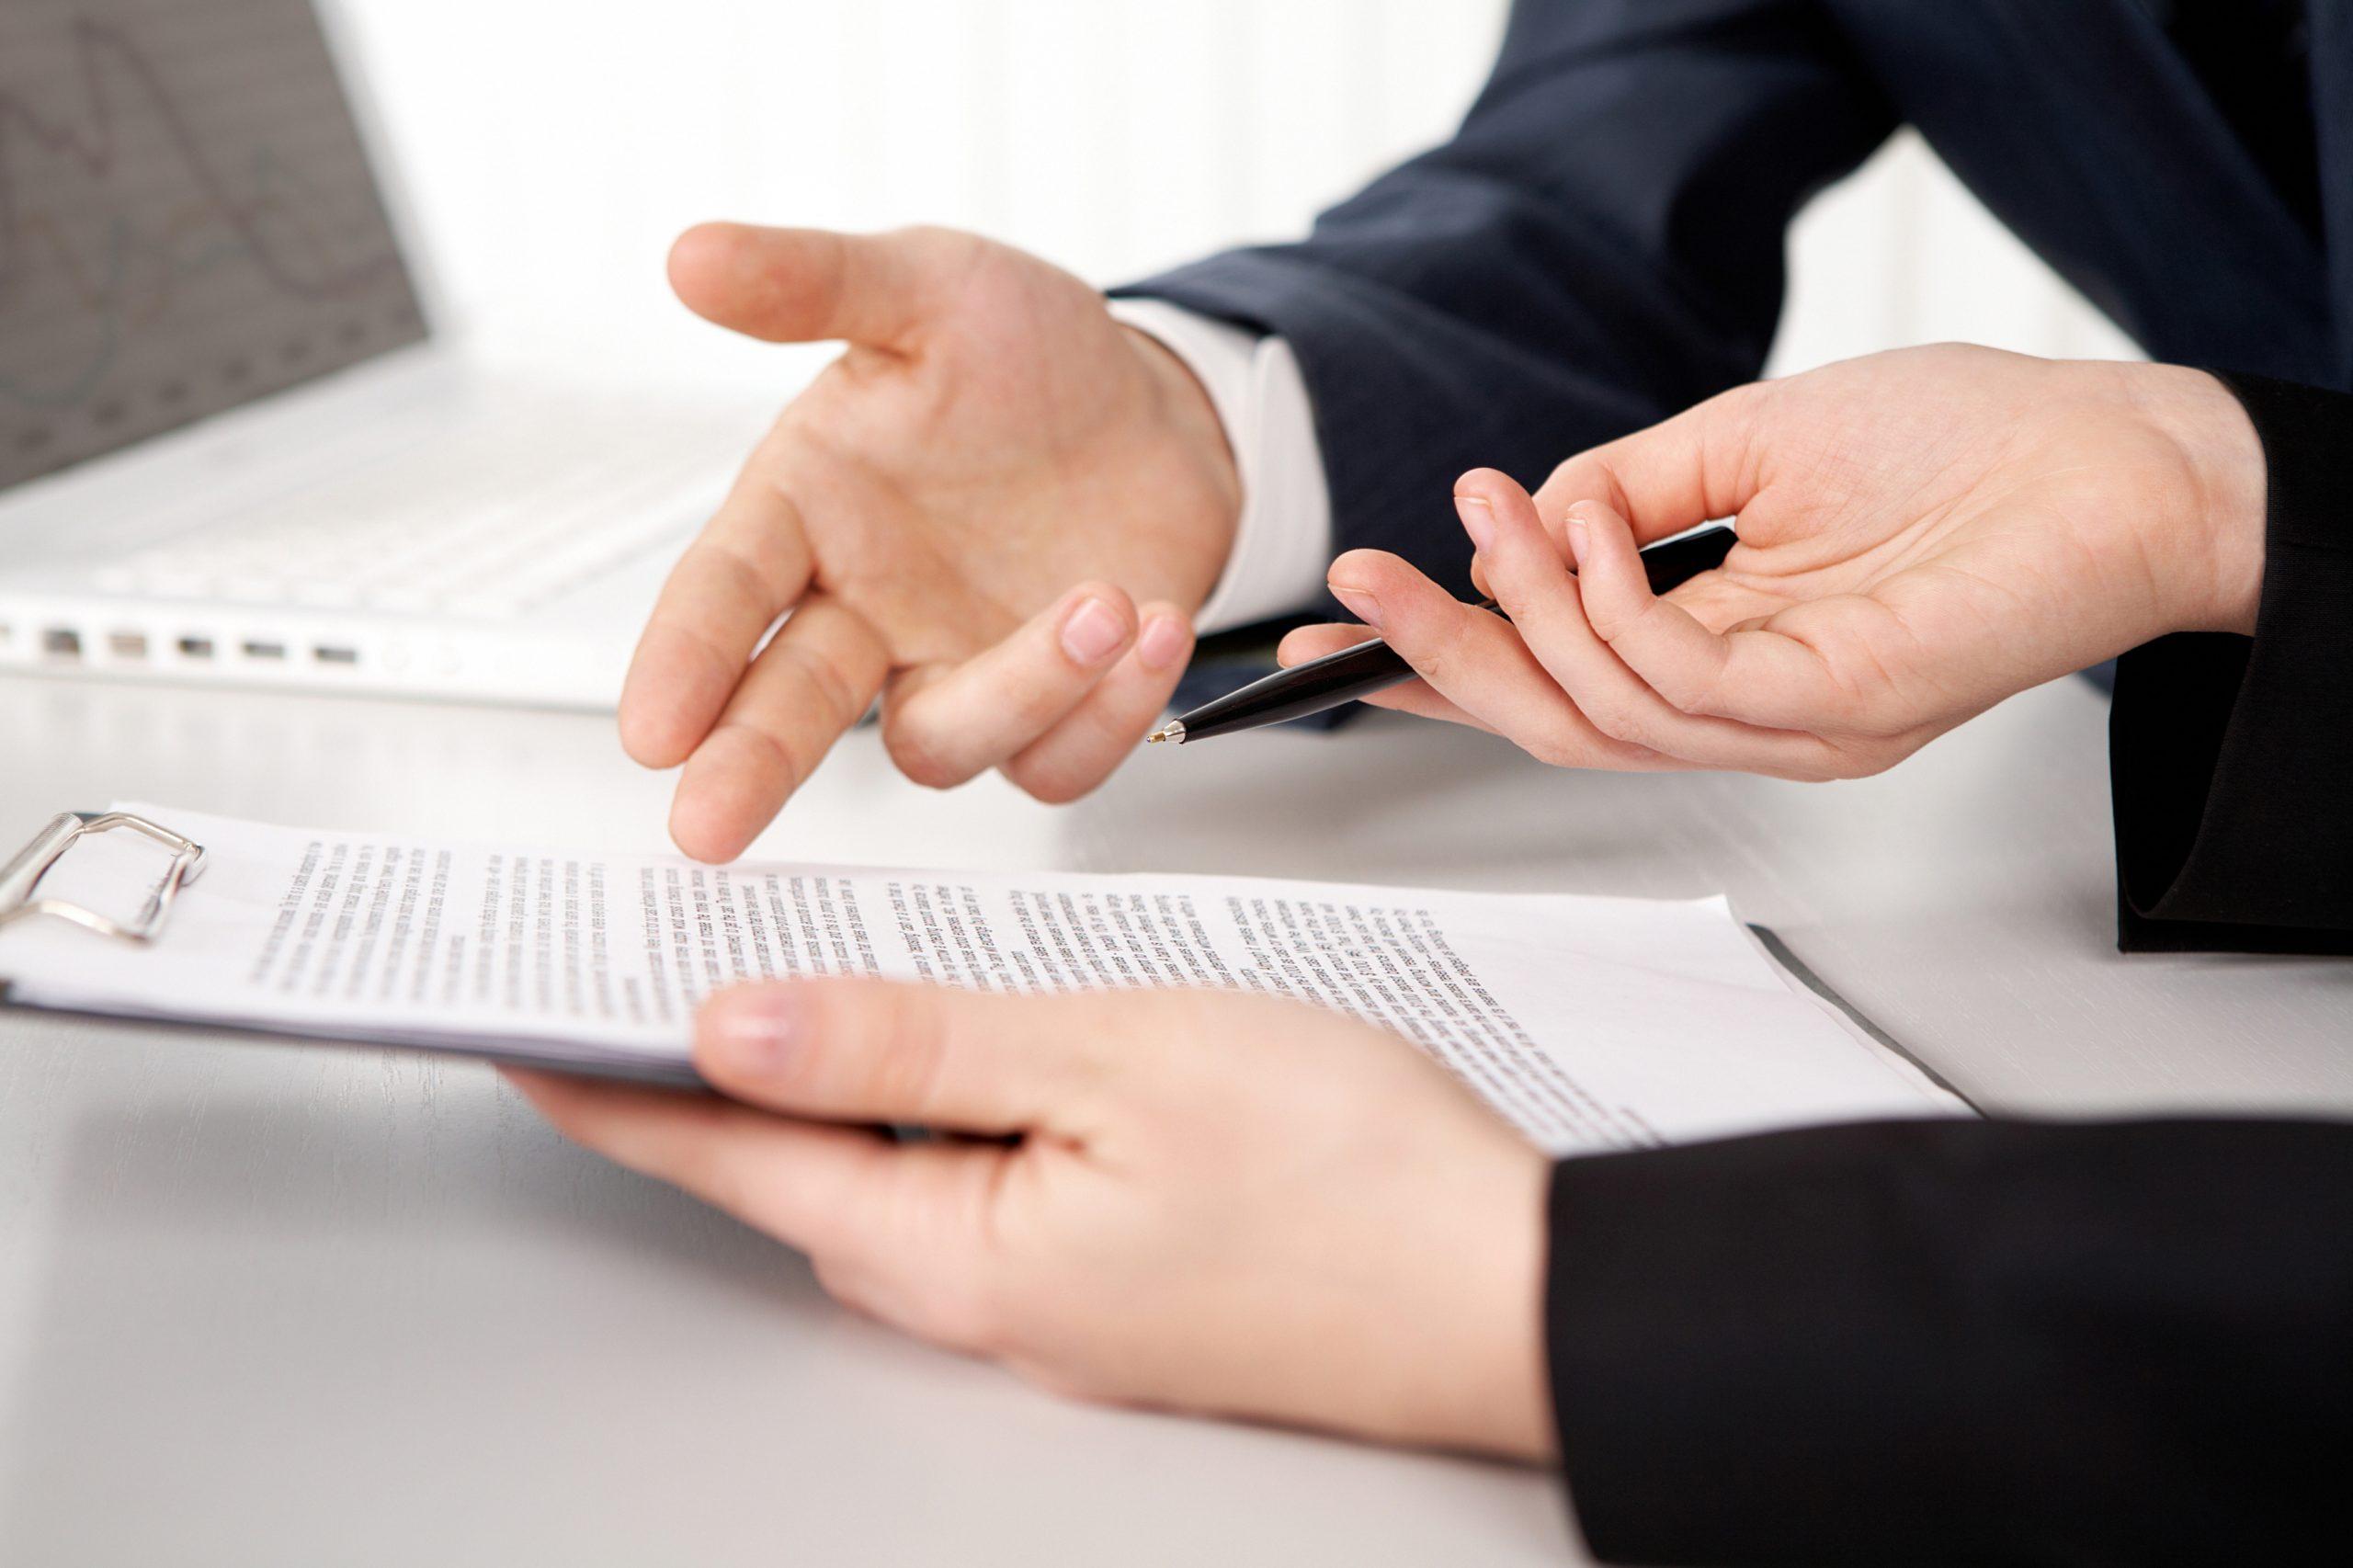 Зарахування коштів на єдиний рахунок та їх перерахування з єдиного рахунку для сплати грошових зобов'язань та/або податкового боргу з податків та зборів